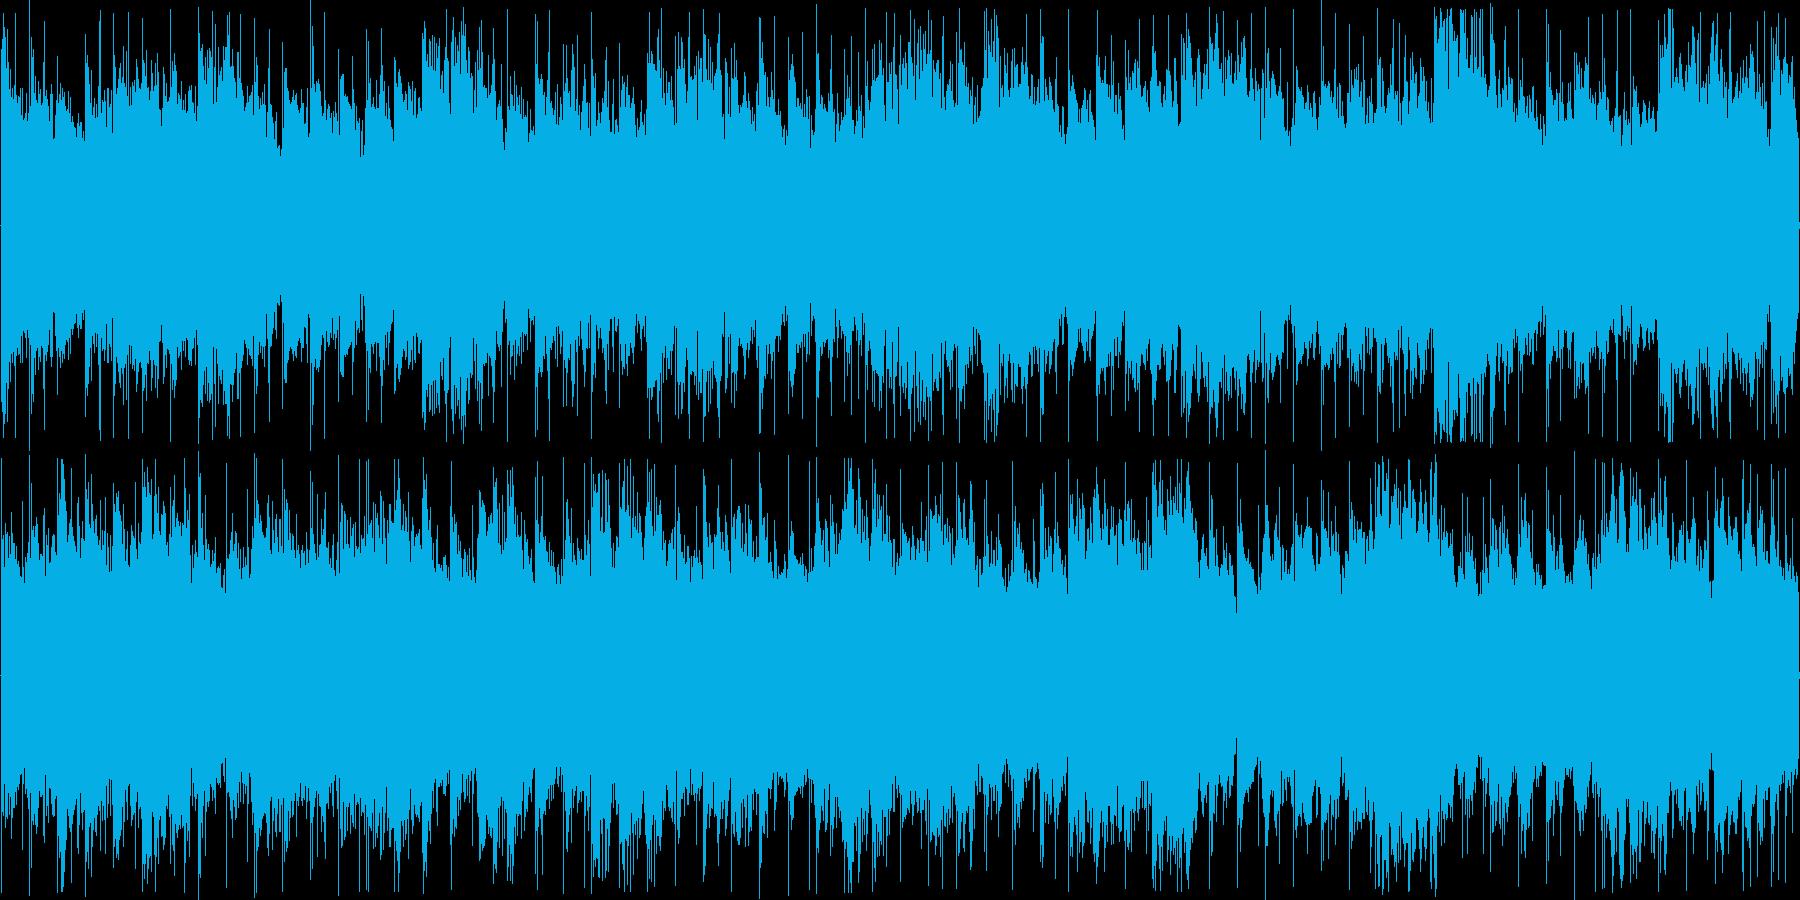 浮遊感のある近未来的な雰囲気のBGMの再生済みの波形